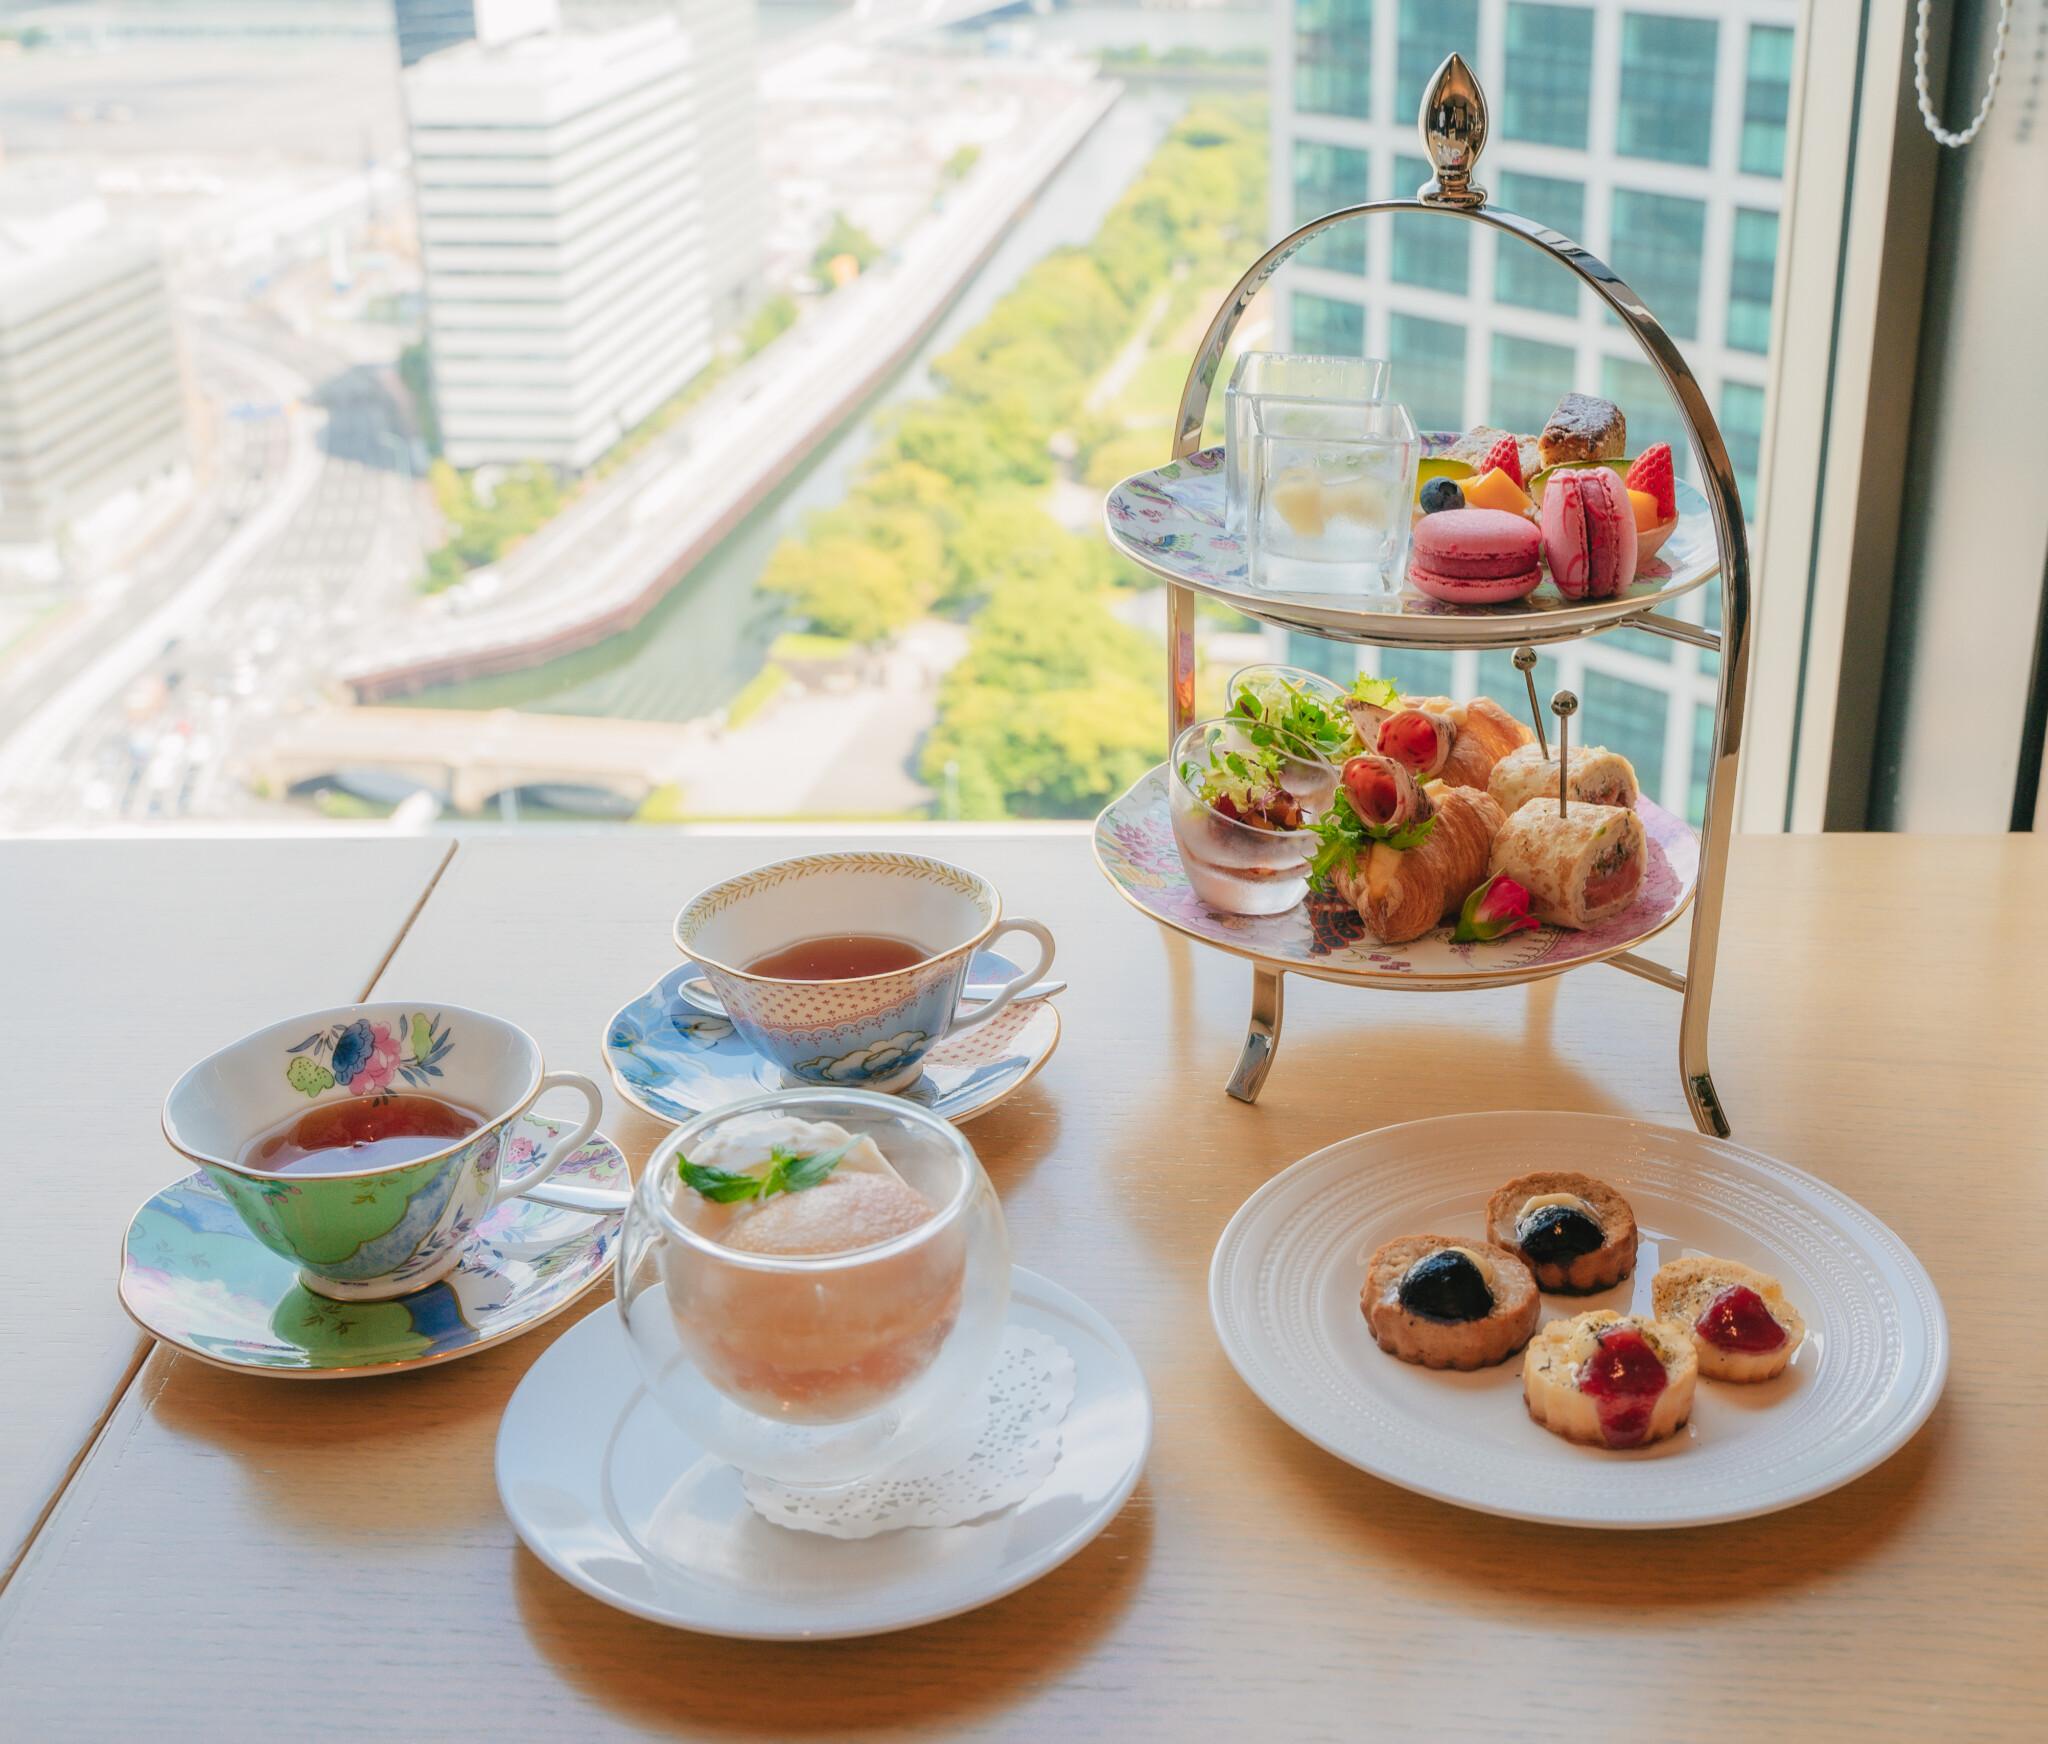 【東京】ホテルで楽しむ初夏のアフタヌーンティー5選。期間限定、早めの予約が吉!